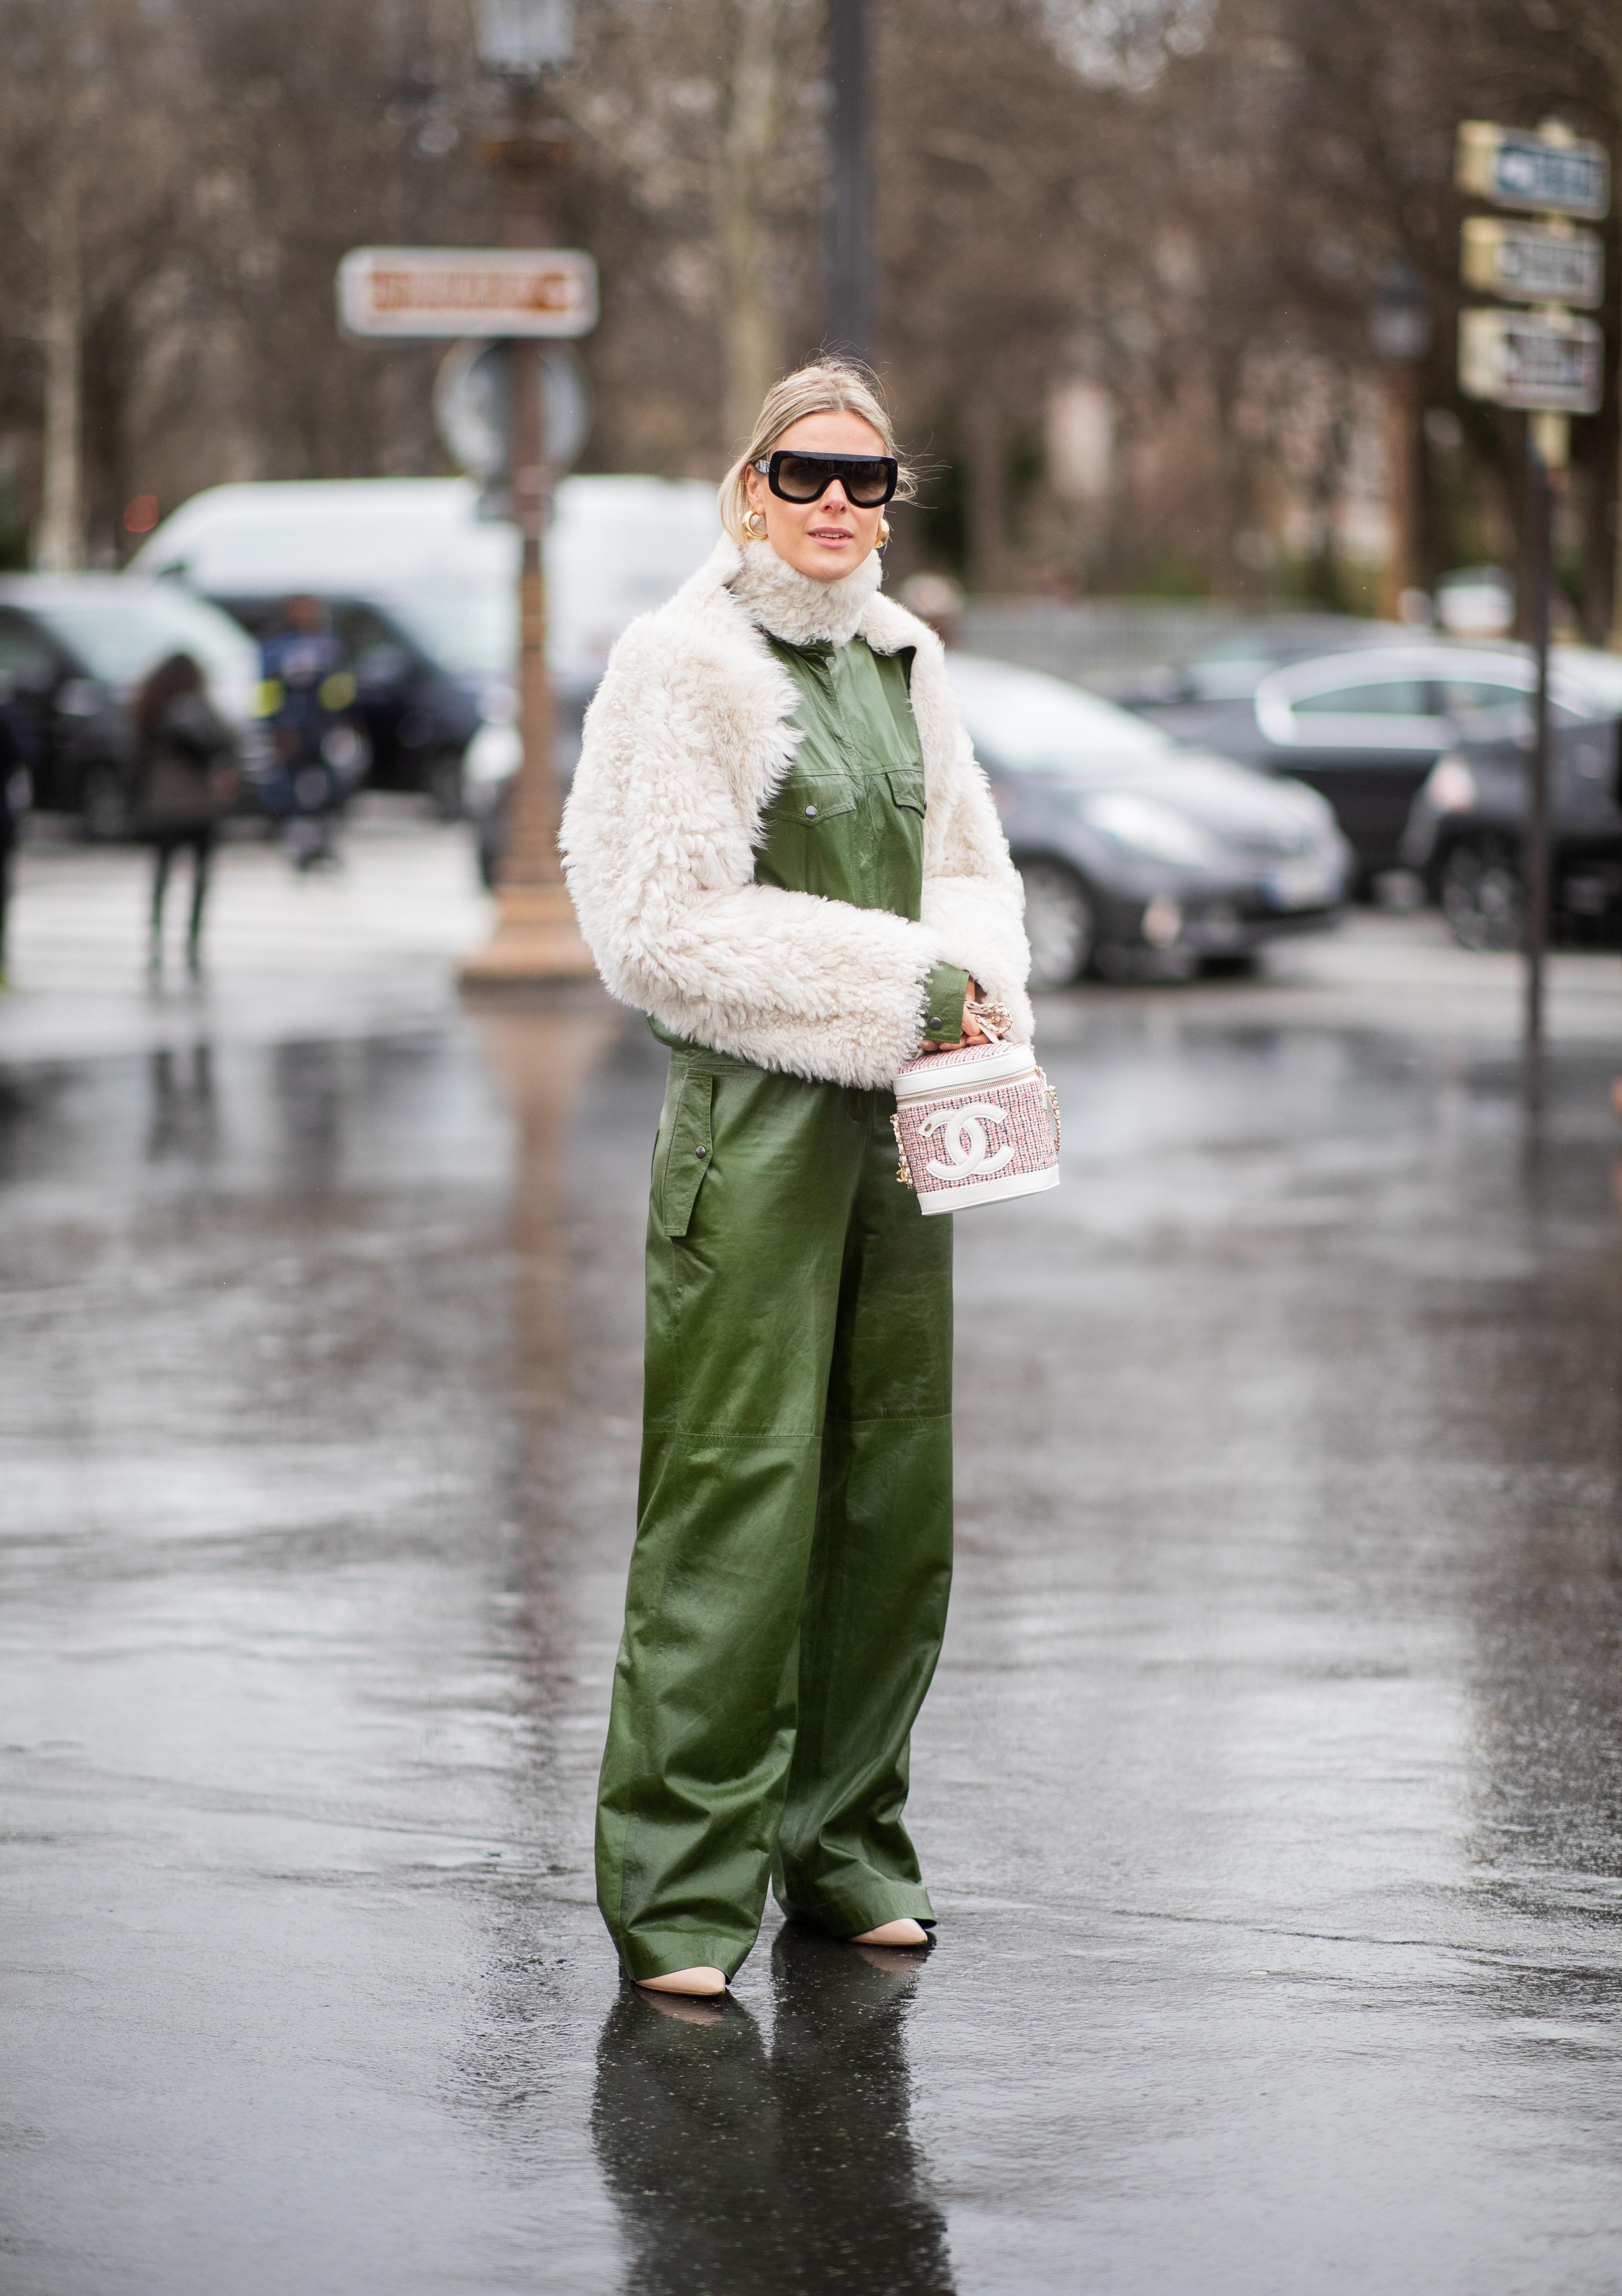 光沢感あるミリタリーパンツスーツにショート丈のファーコートをオン。シンプルながらもテイストをミックスしたスタイルは感度高め。コートと同じ素材のネックウォーマーも効果的!